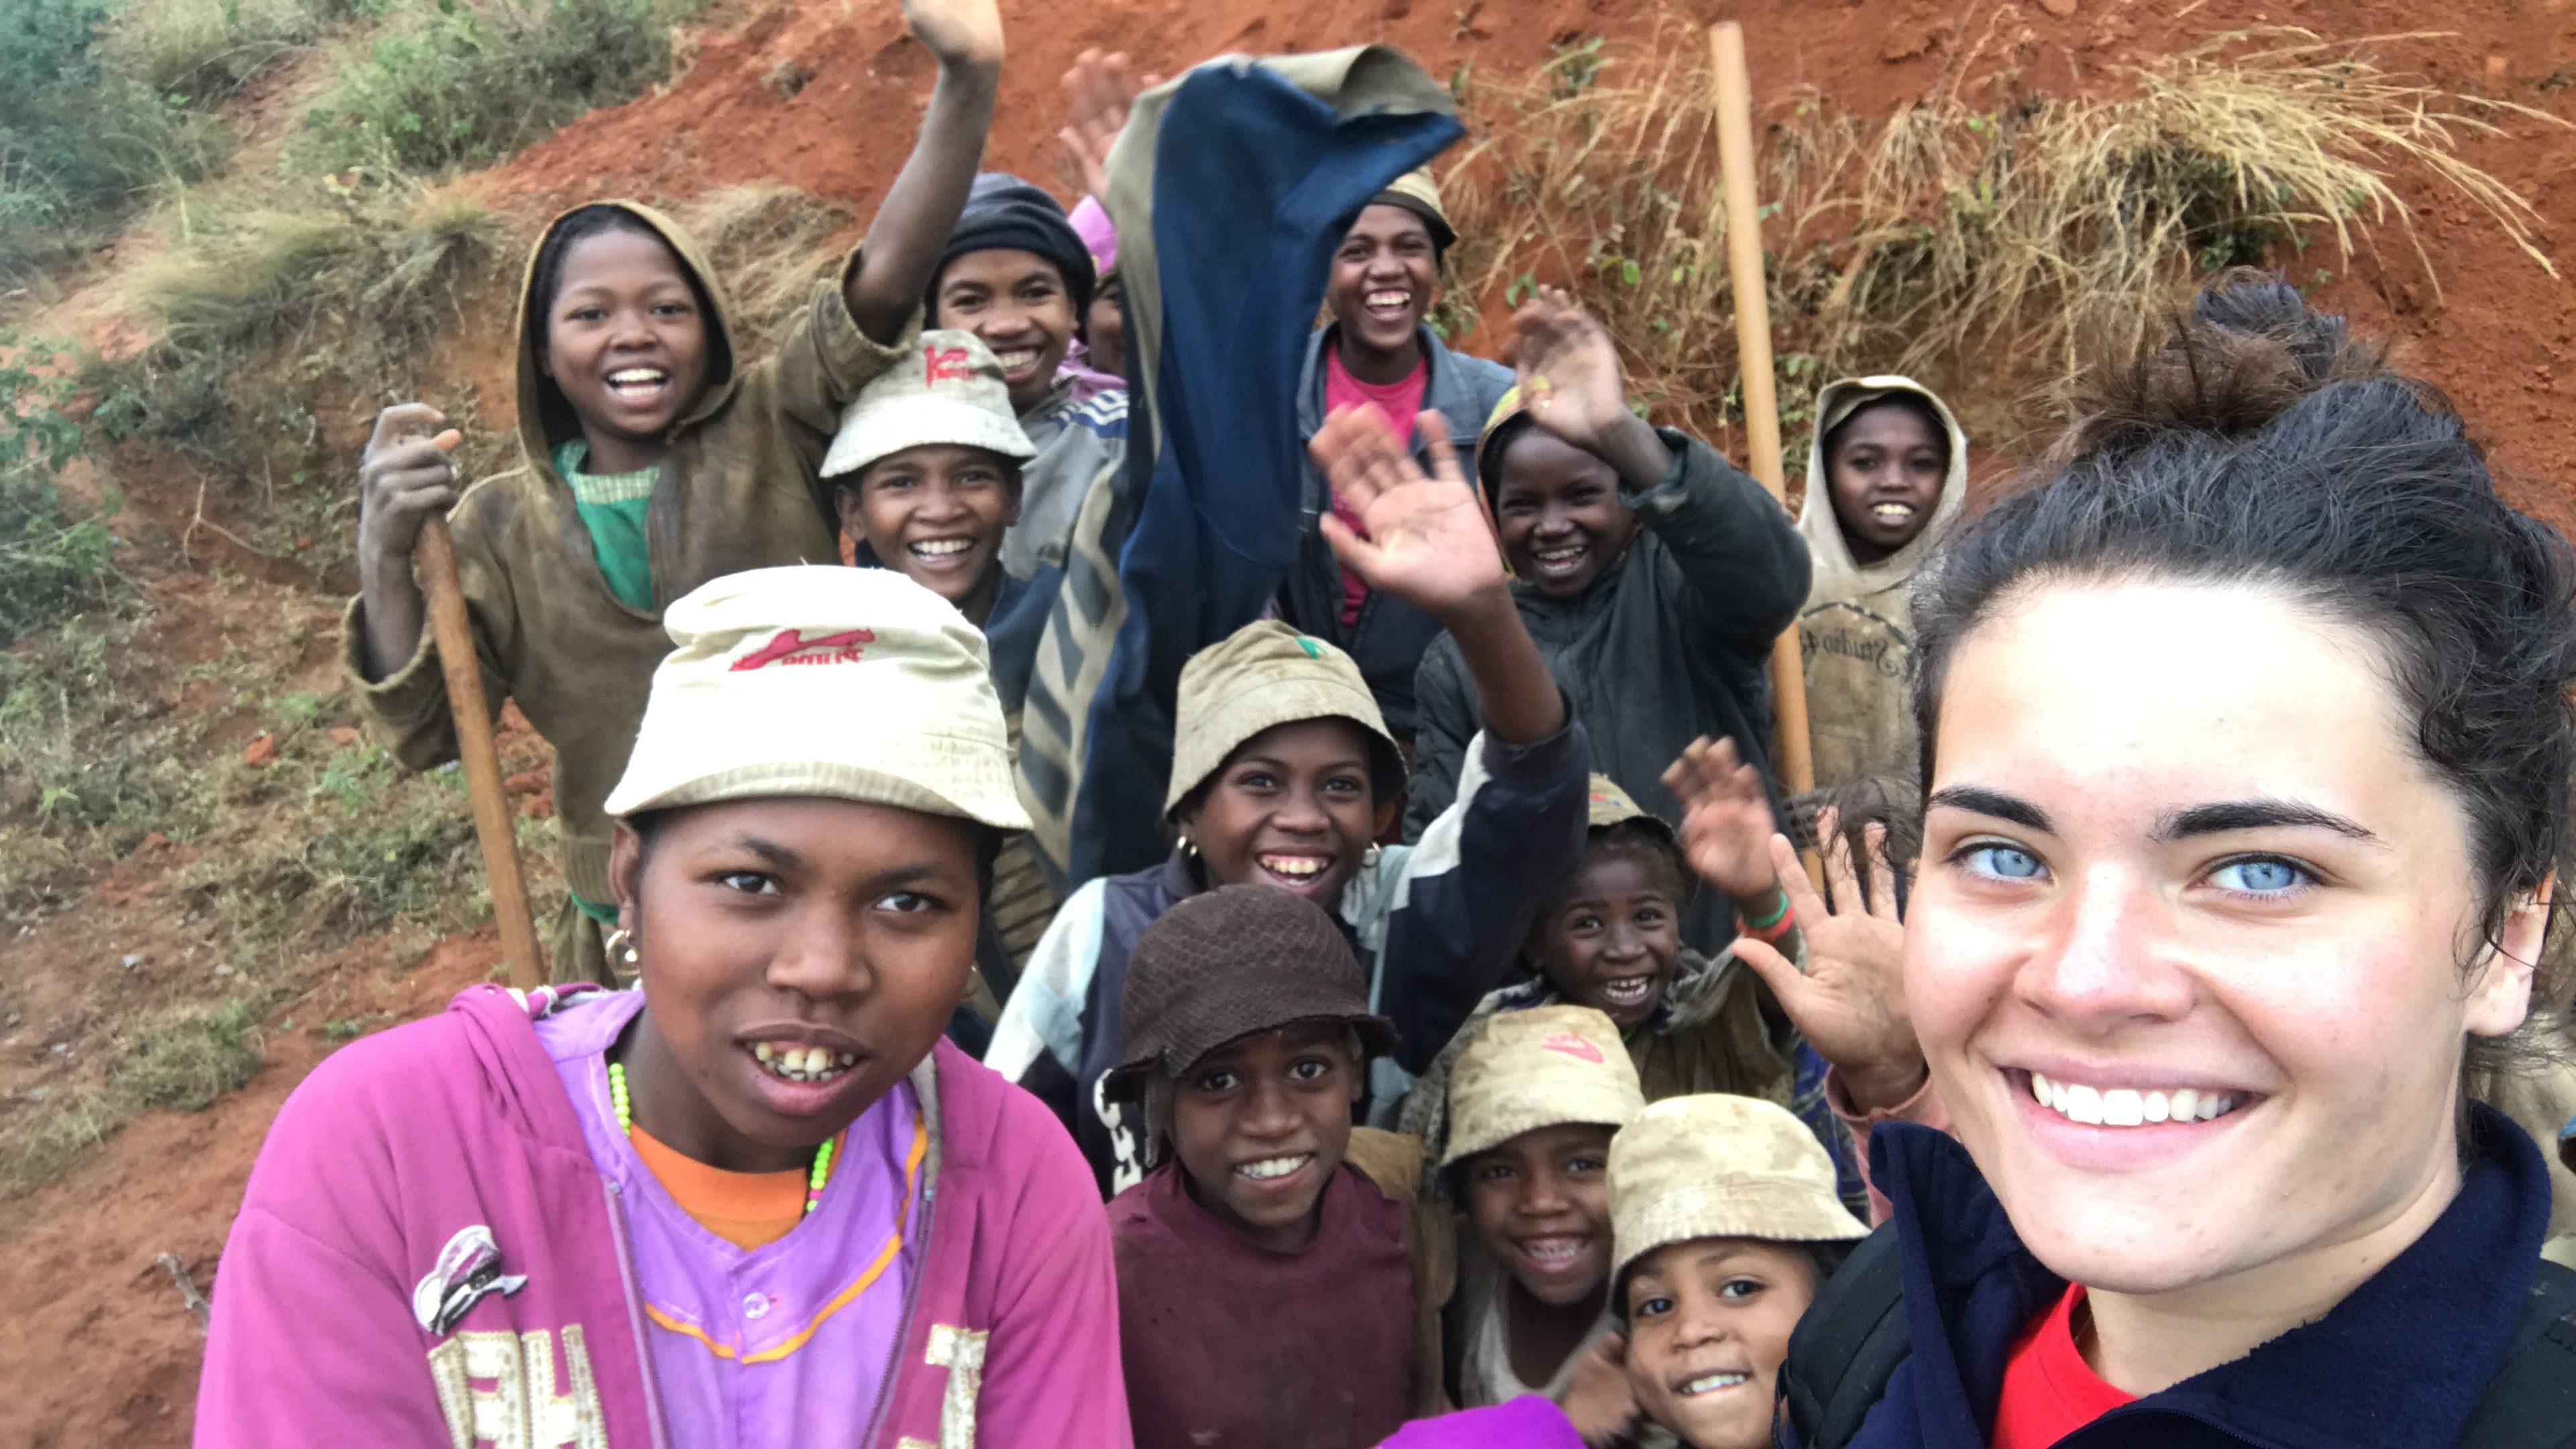 Enfants du village qui aident les membres de l'association pour creuser les tranchées qui accueilleront les tuyaux du réseau d'eau.